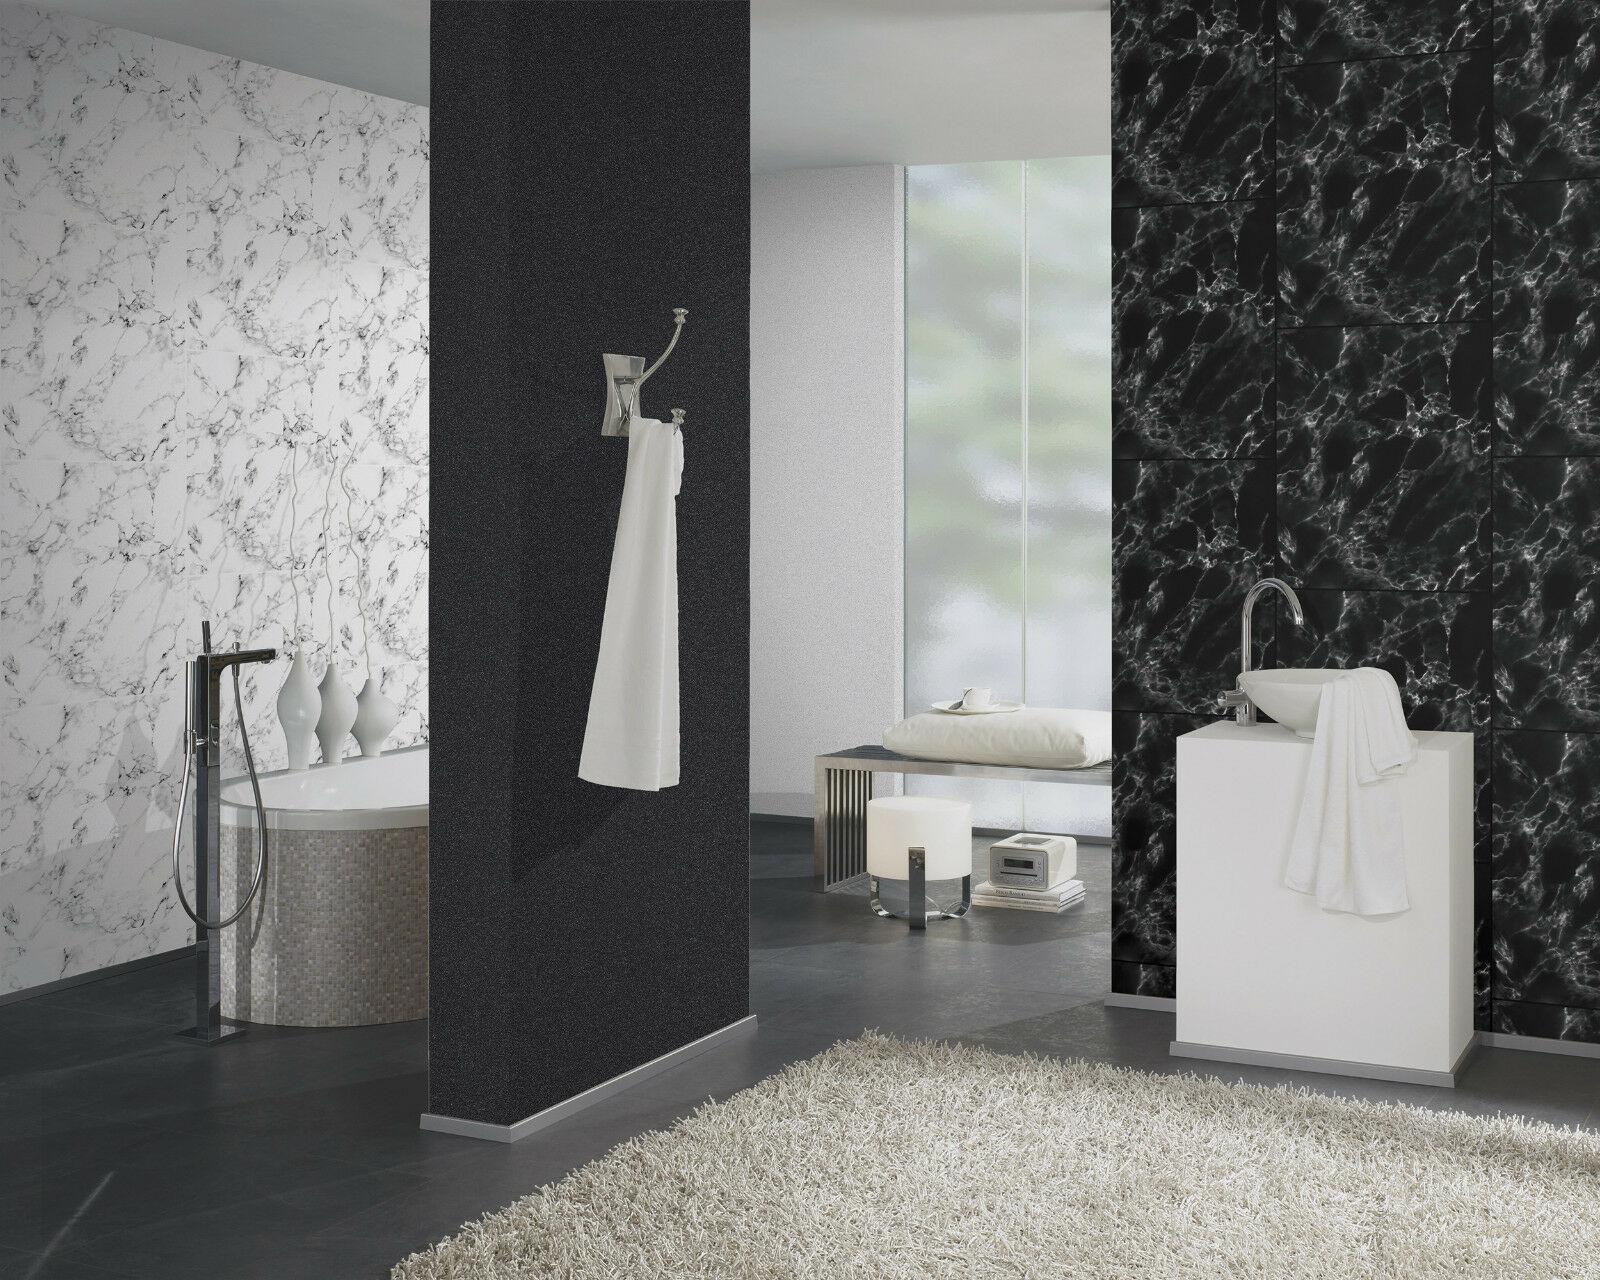 Vlies Tapete Marmor Platten Naturstein Fliesen Steintapete Weiss